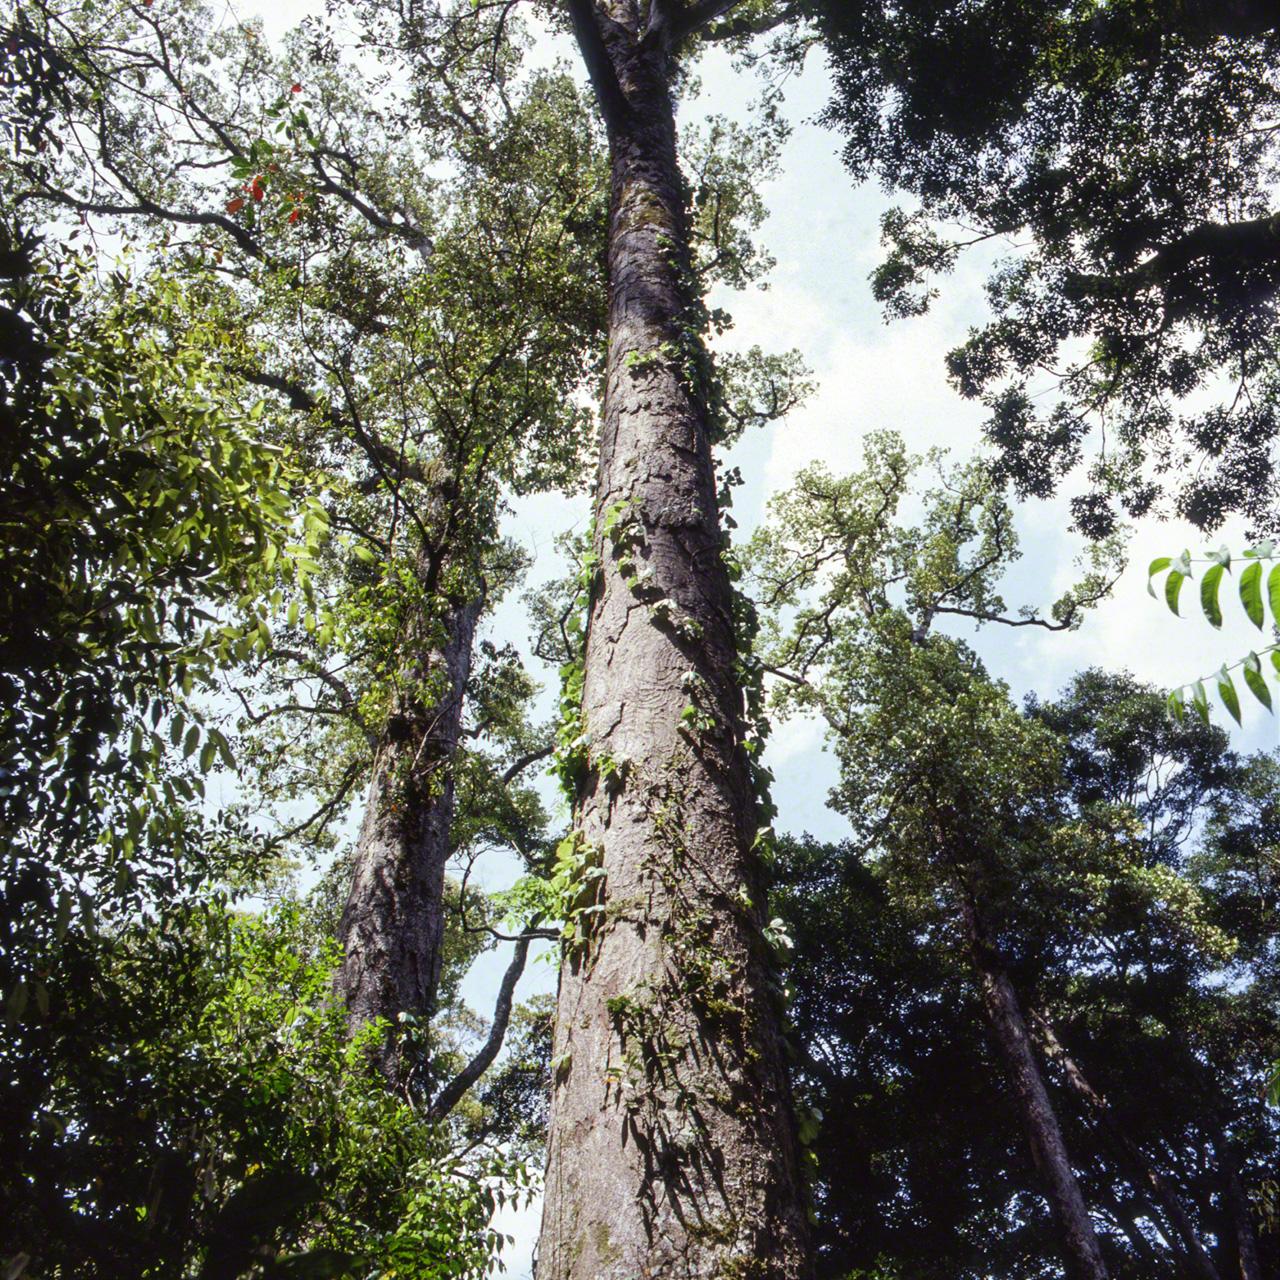 Большой итиигаси из рода Cyclobalanopsis, подрода Quercus. Это дерево – лучший представитель крупных лавровых деревьев. От ствола отходит мало ветвей, в высоту он может достигать 20 метров